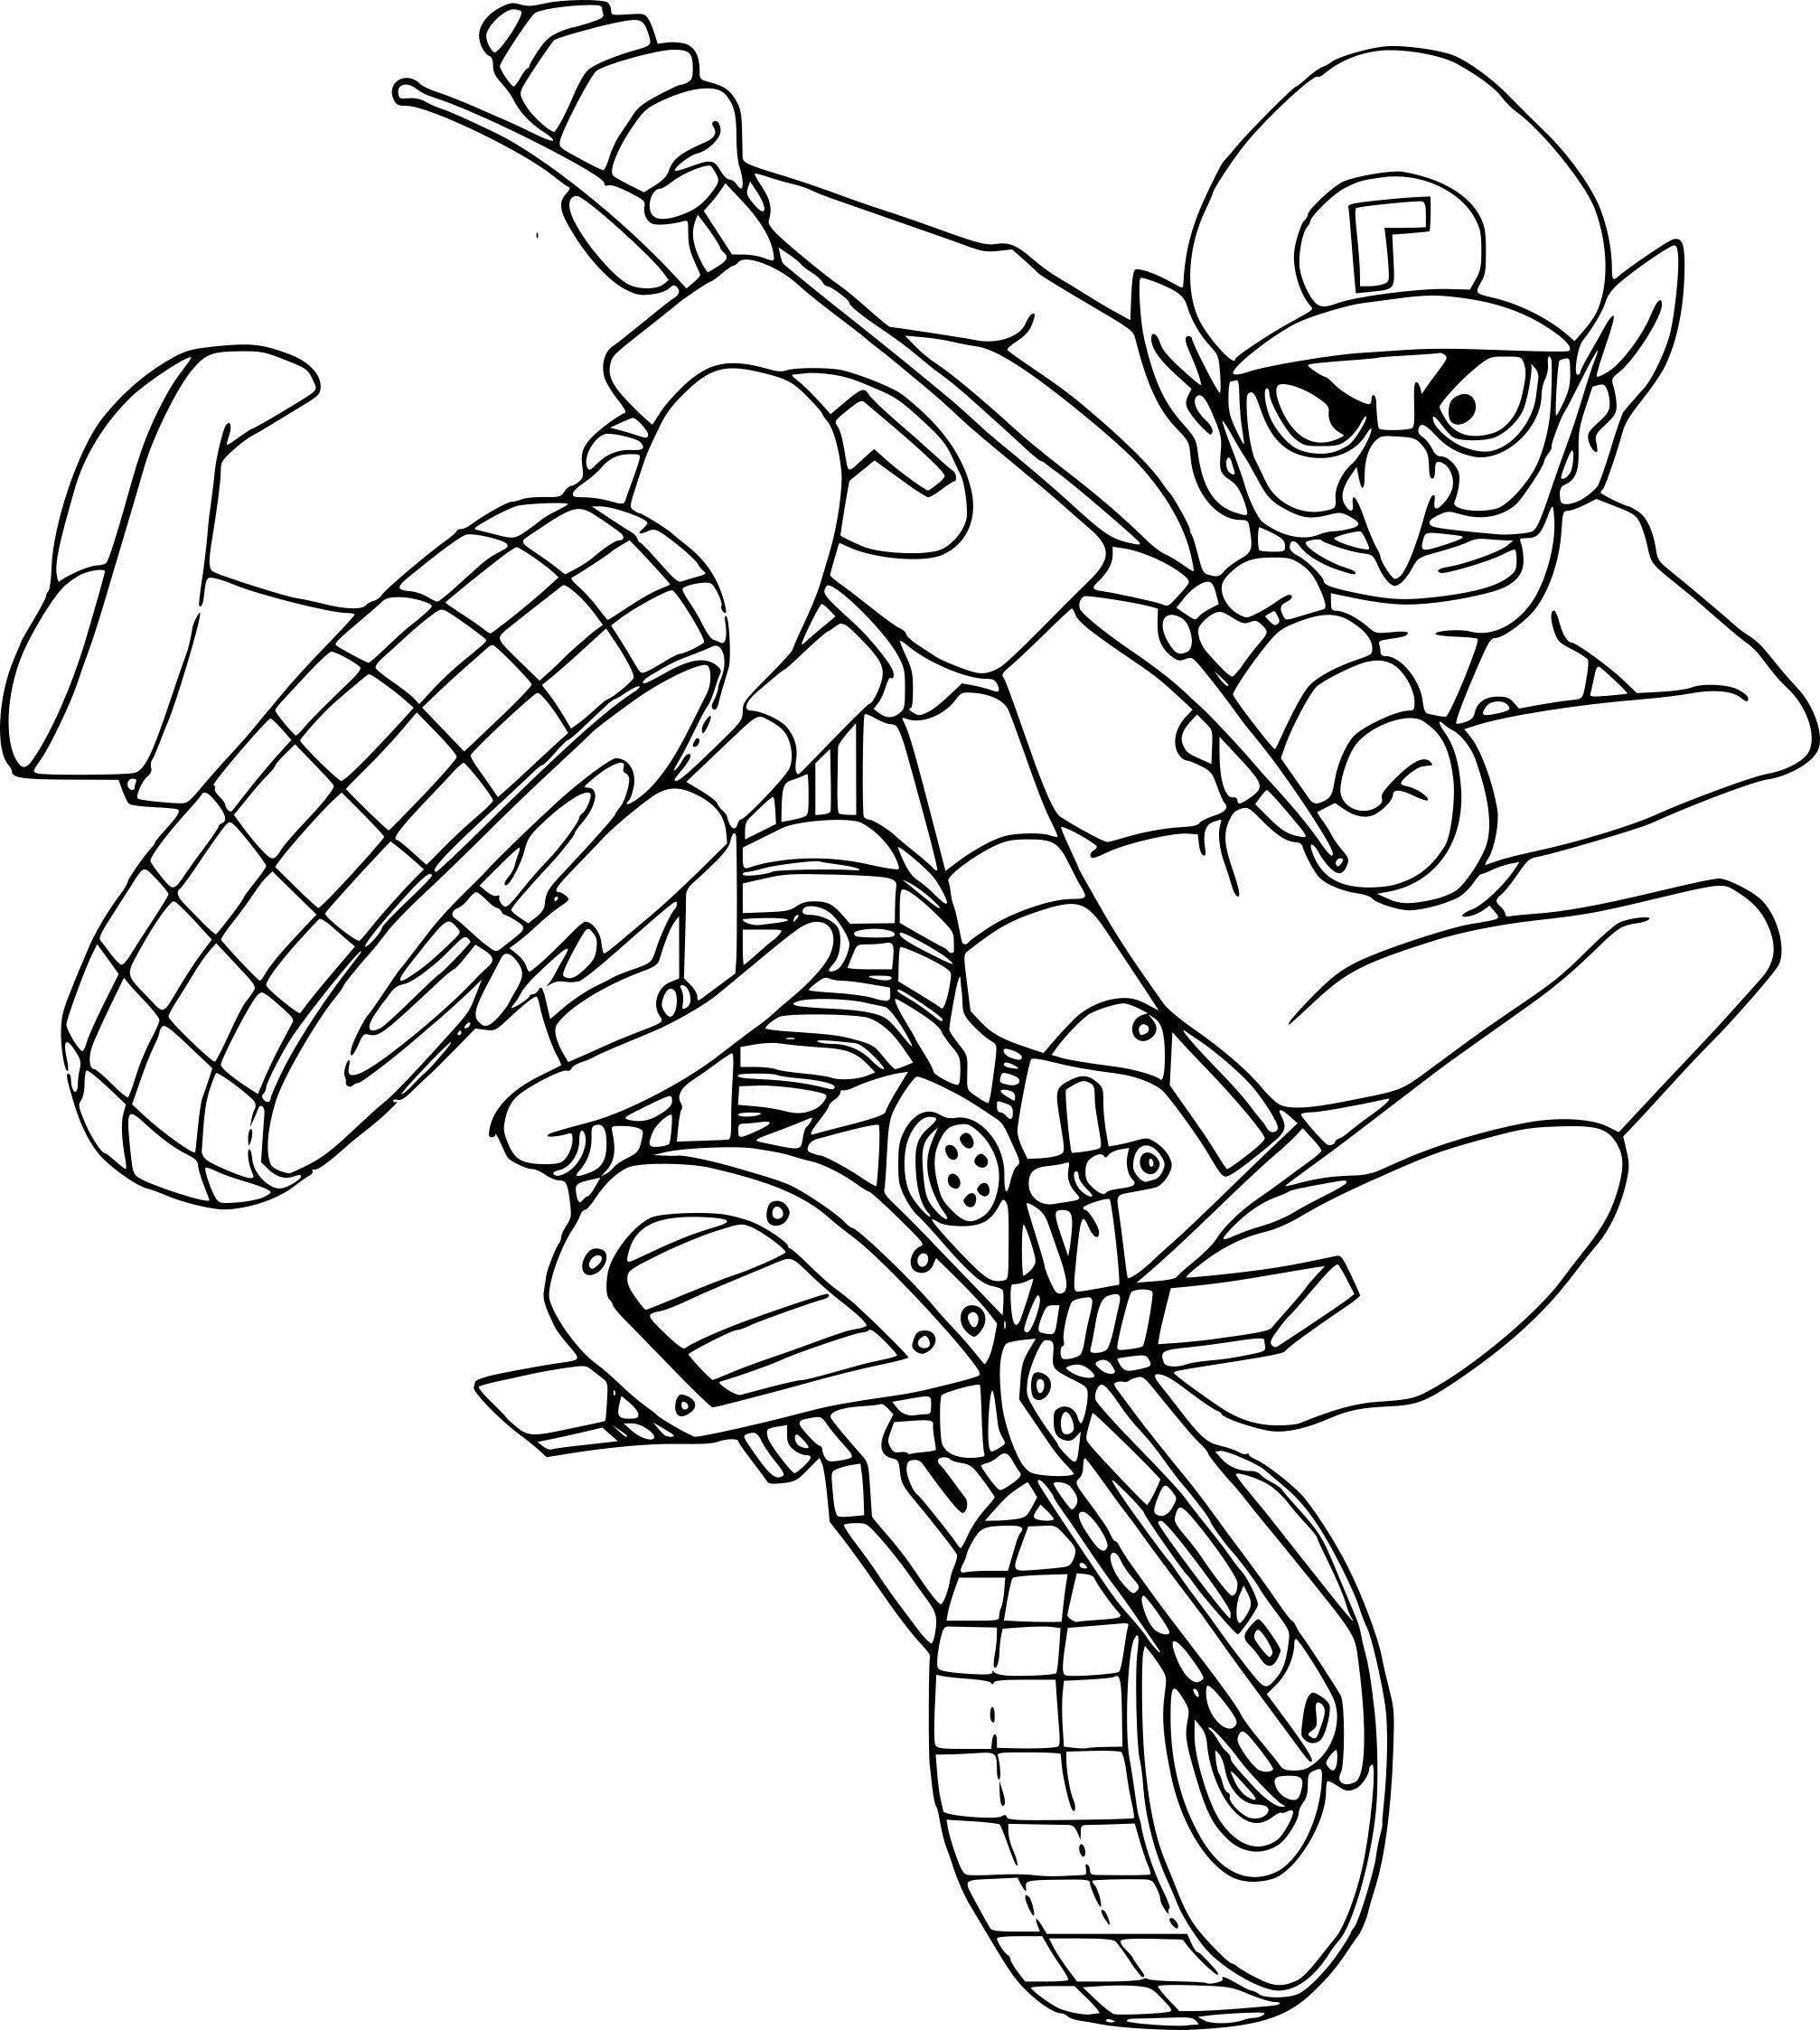 Coloriage Waluigi Mario Kart À Imprimer destiné Karting Dessin